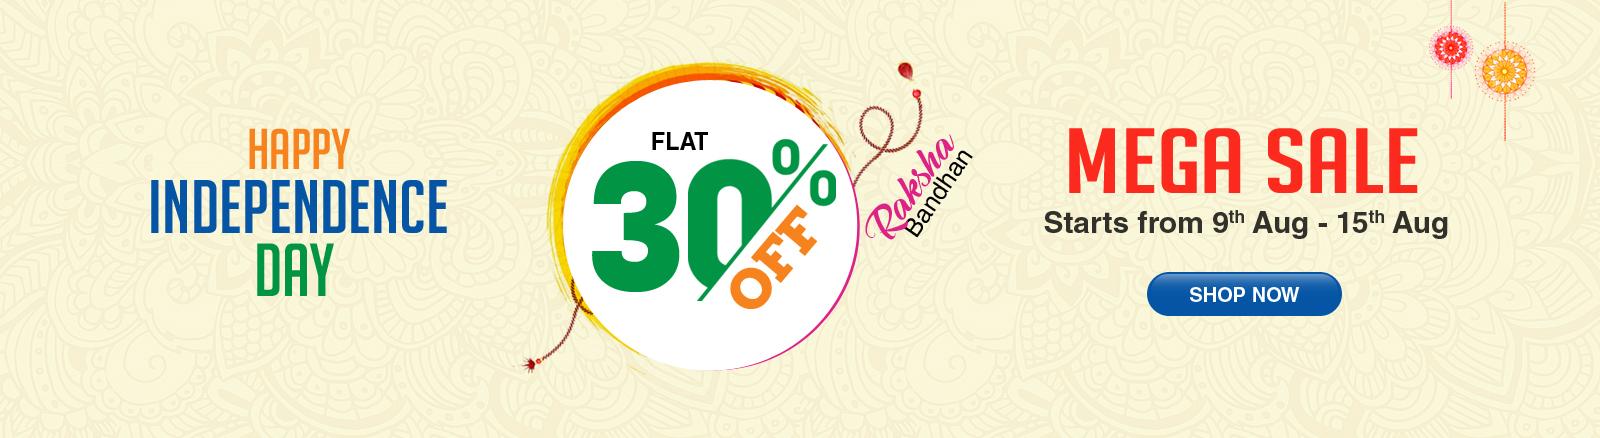 Online Shopping: Shop Sarees, Kurtis, Salwar Kameez, Leggings in